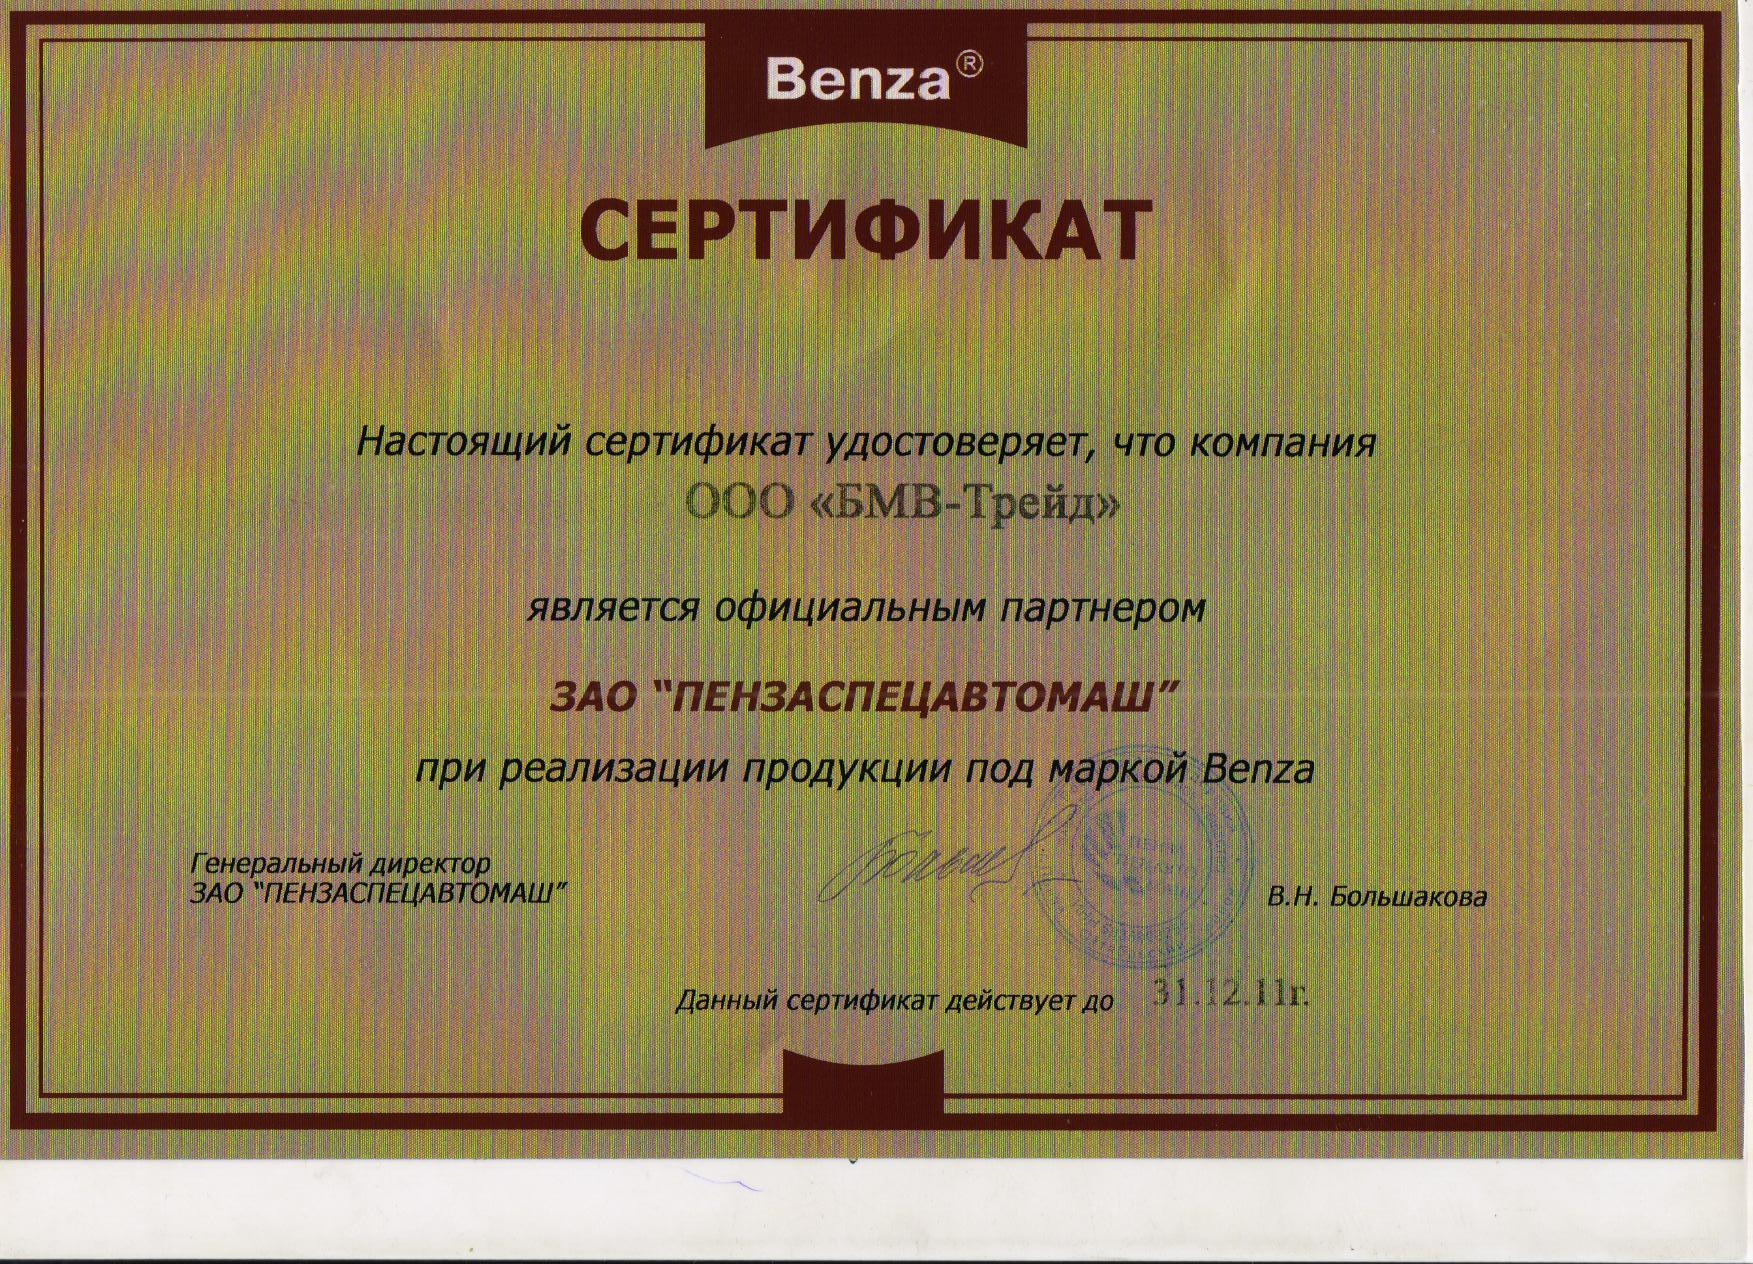 Сертификат дилера Benza. БМВ-Трейд